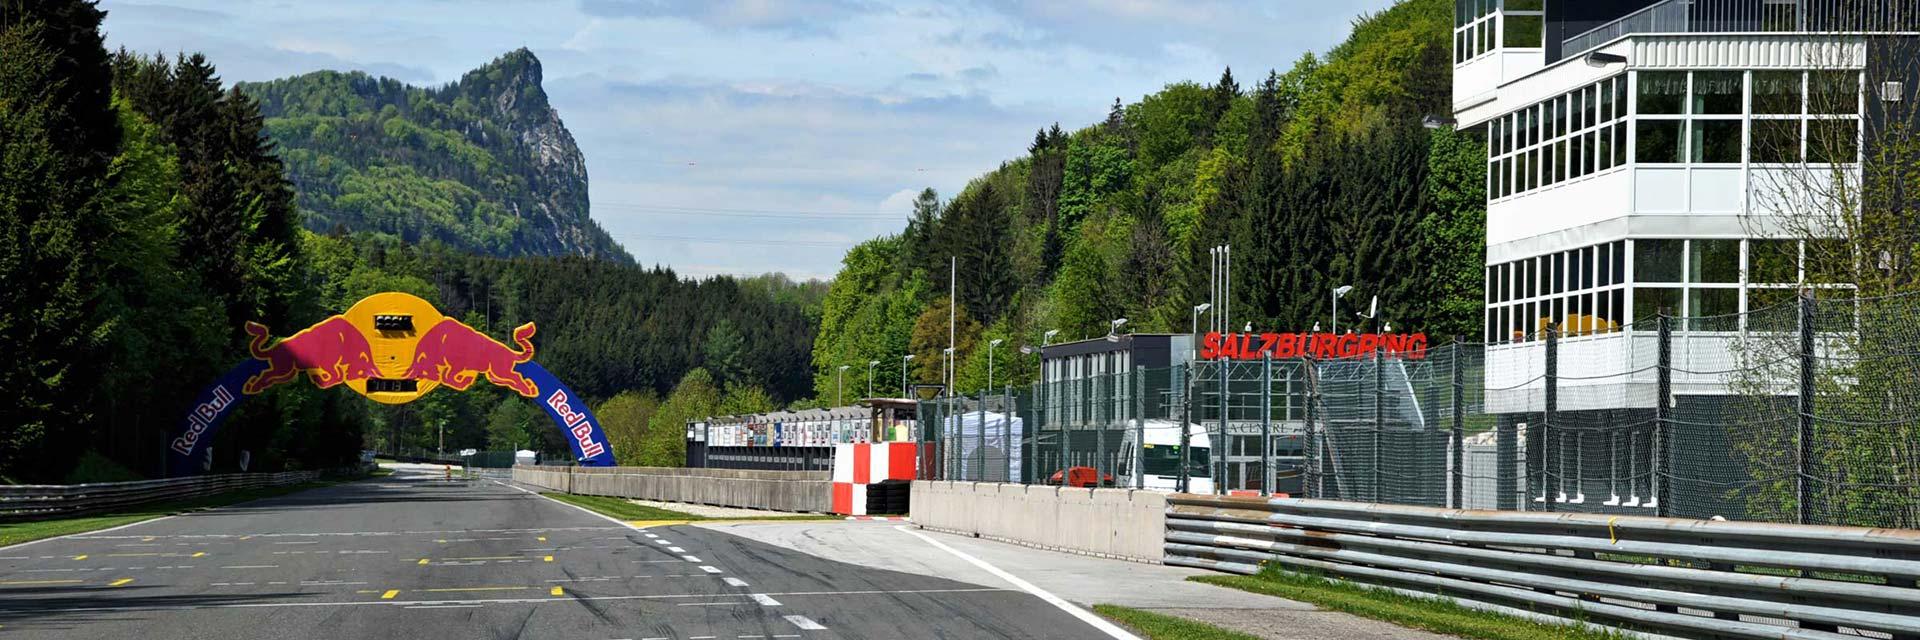 GEDLICH Racing - Racetrack Salzburgring